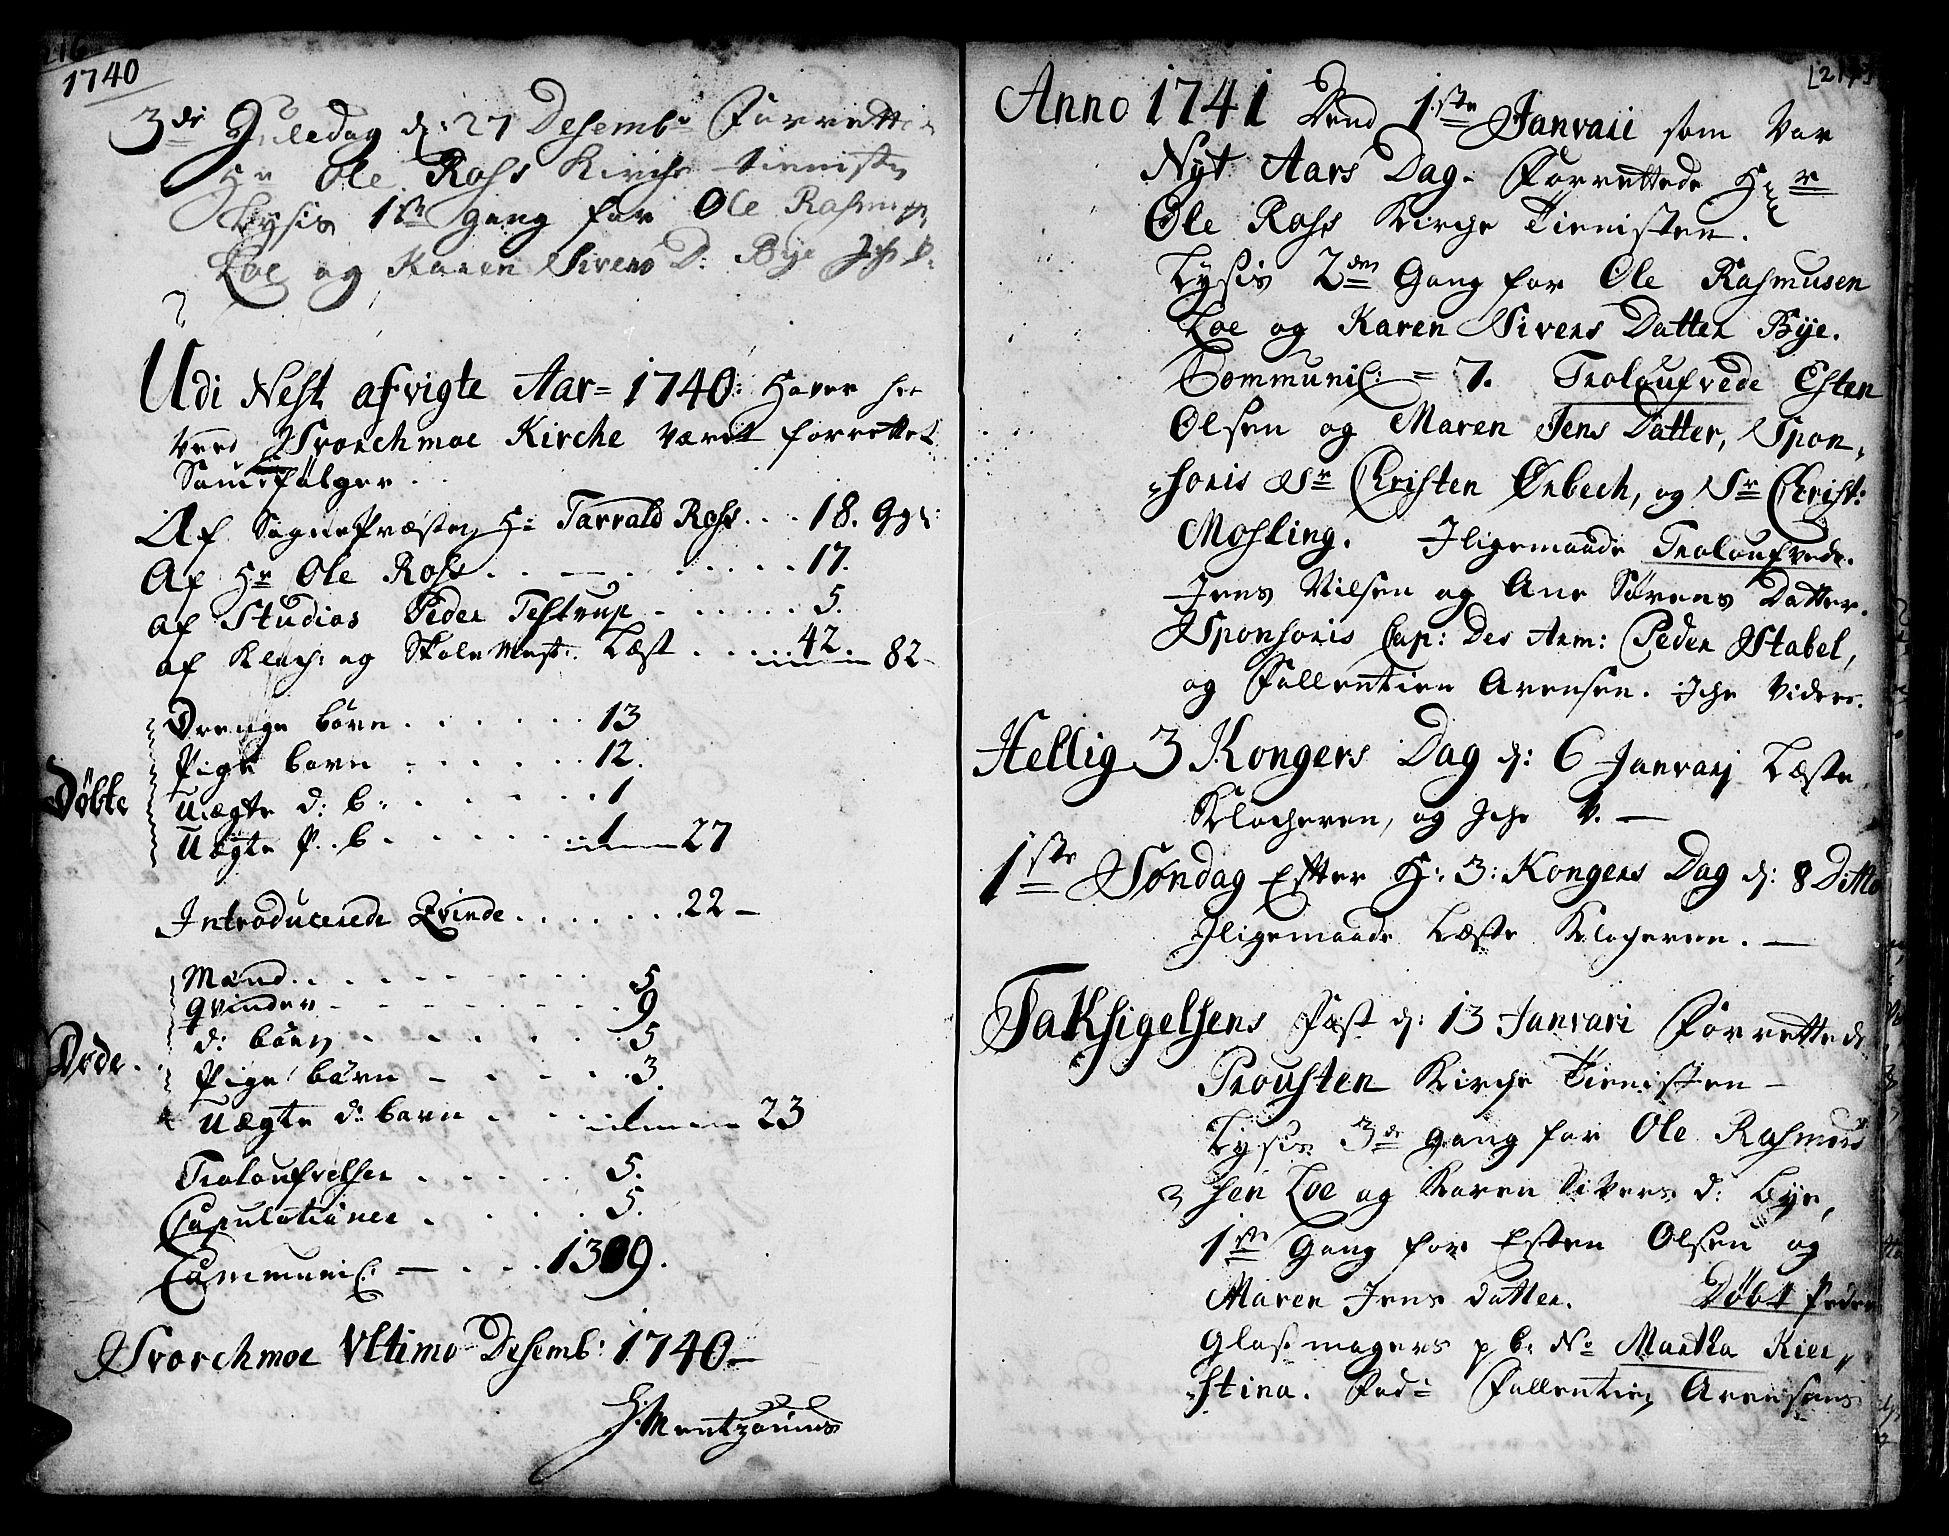 SAT, Ministerialprotokoller, klokkerbøker og fødselsregistre - Sør-Trøndelag, 671/L0839: Ministerialbok nr. 671A01, 1730-1755, s. 216-217